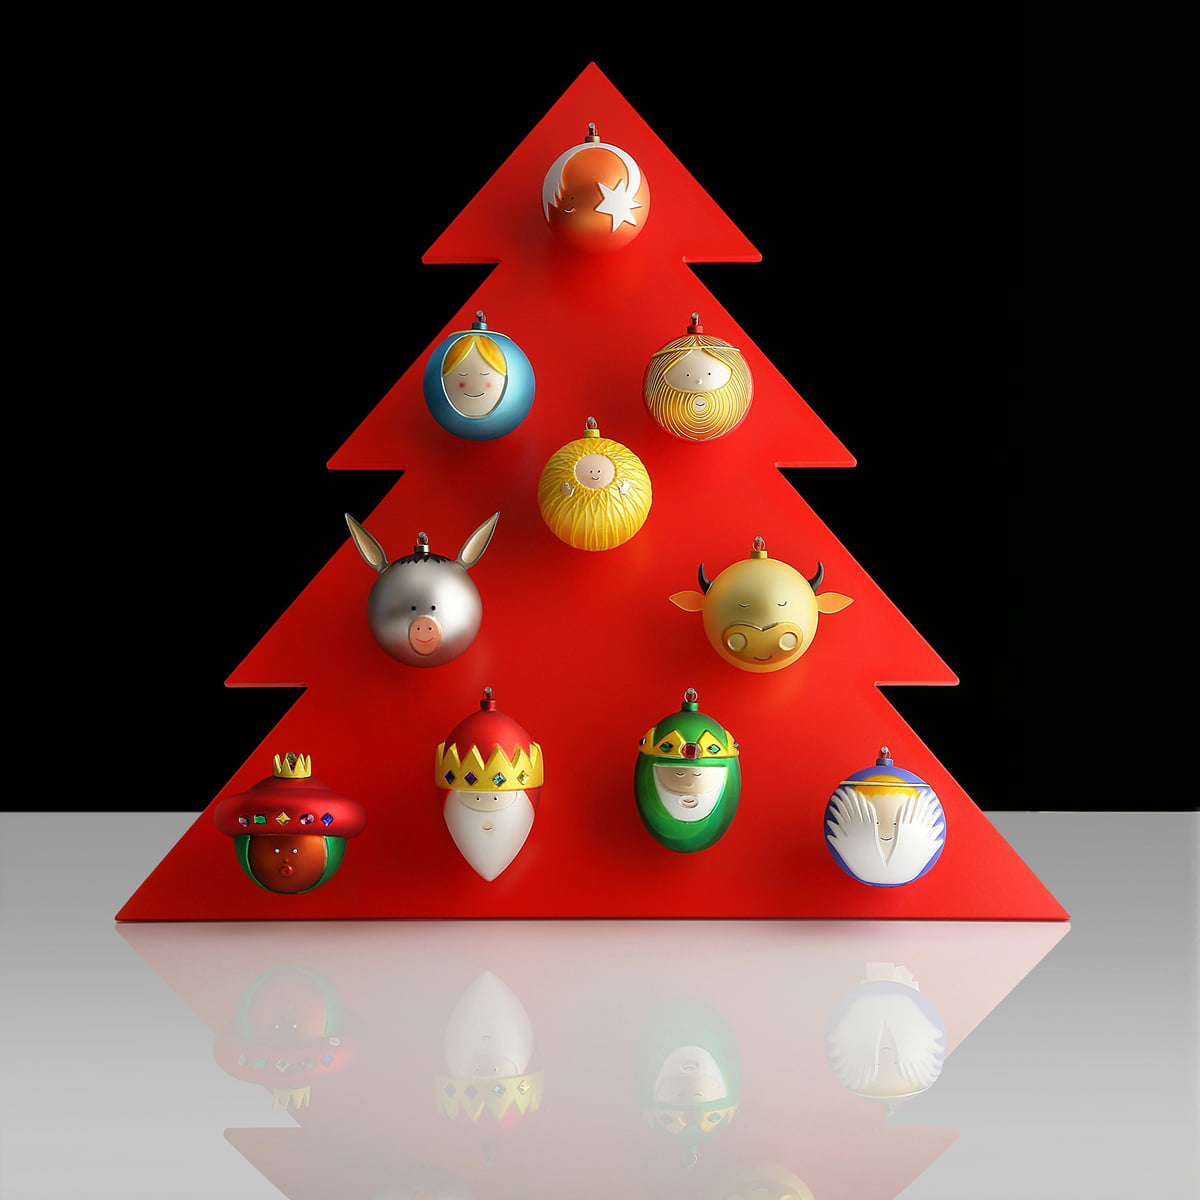 Weihnachtsbaumkugel Heilige Drei Konige